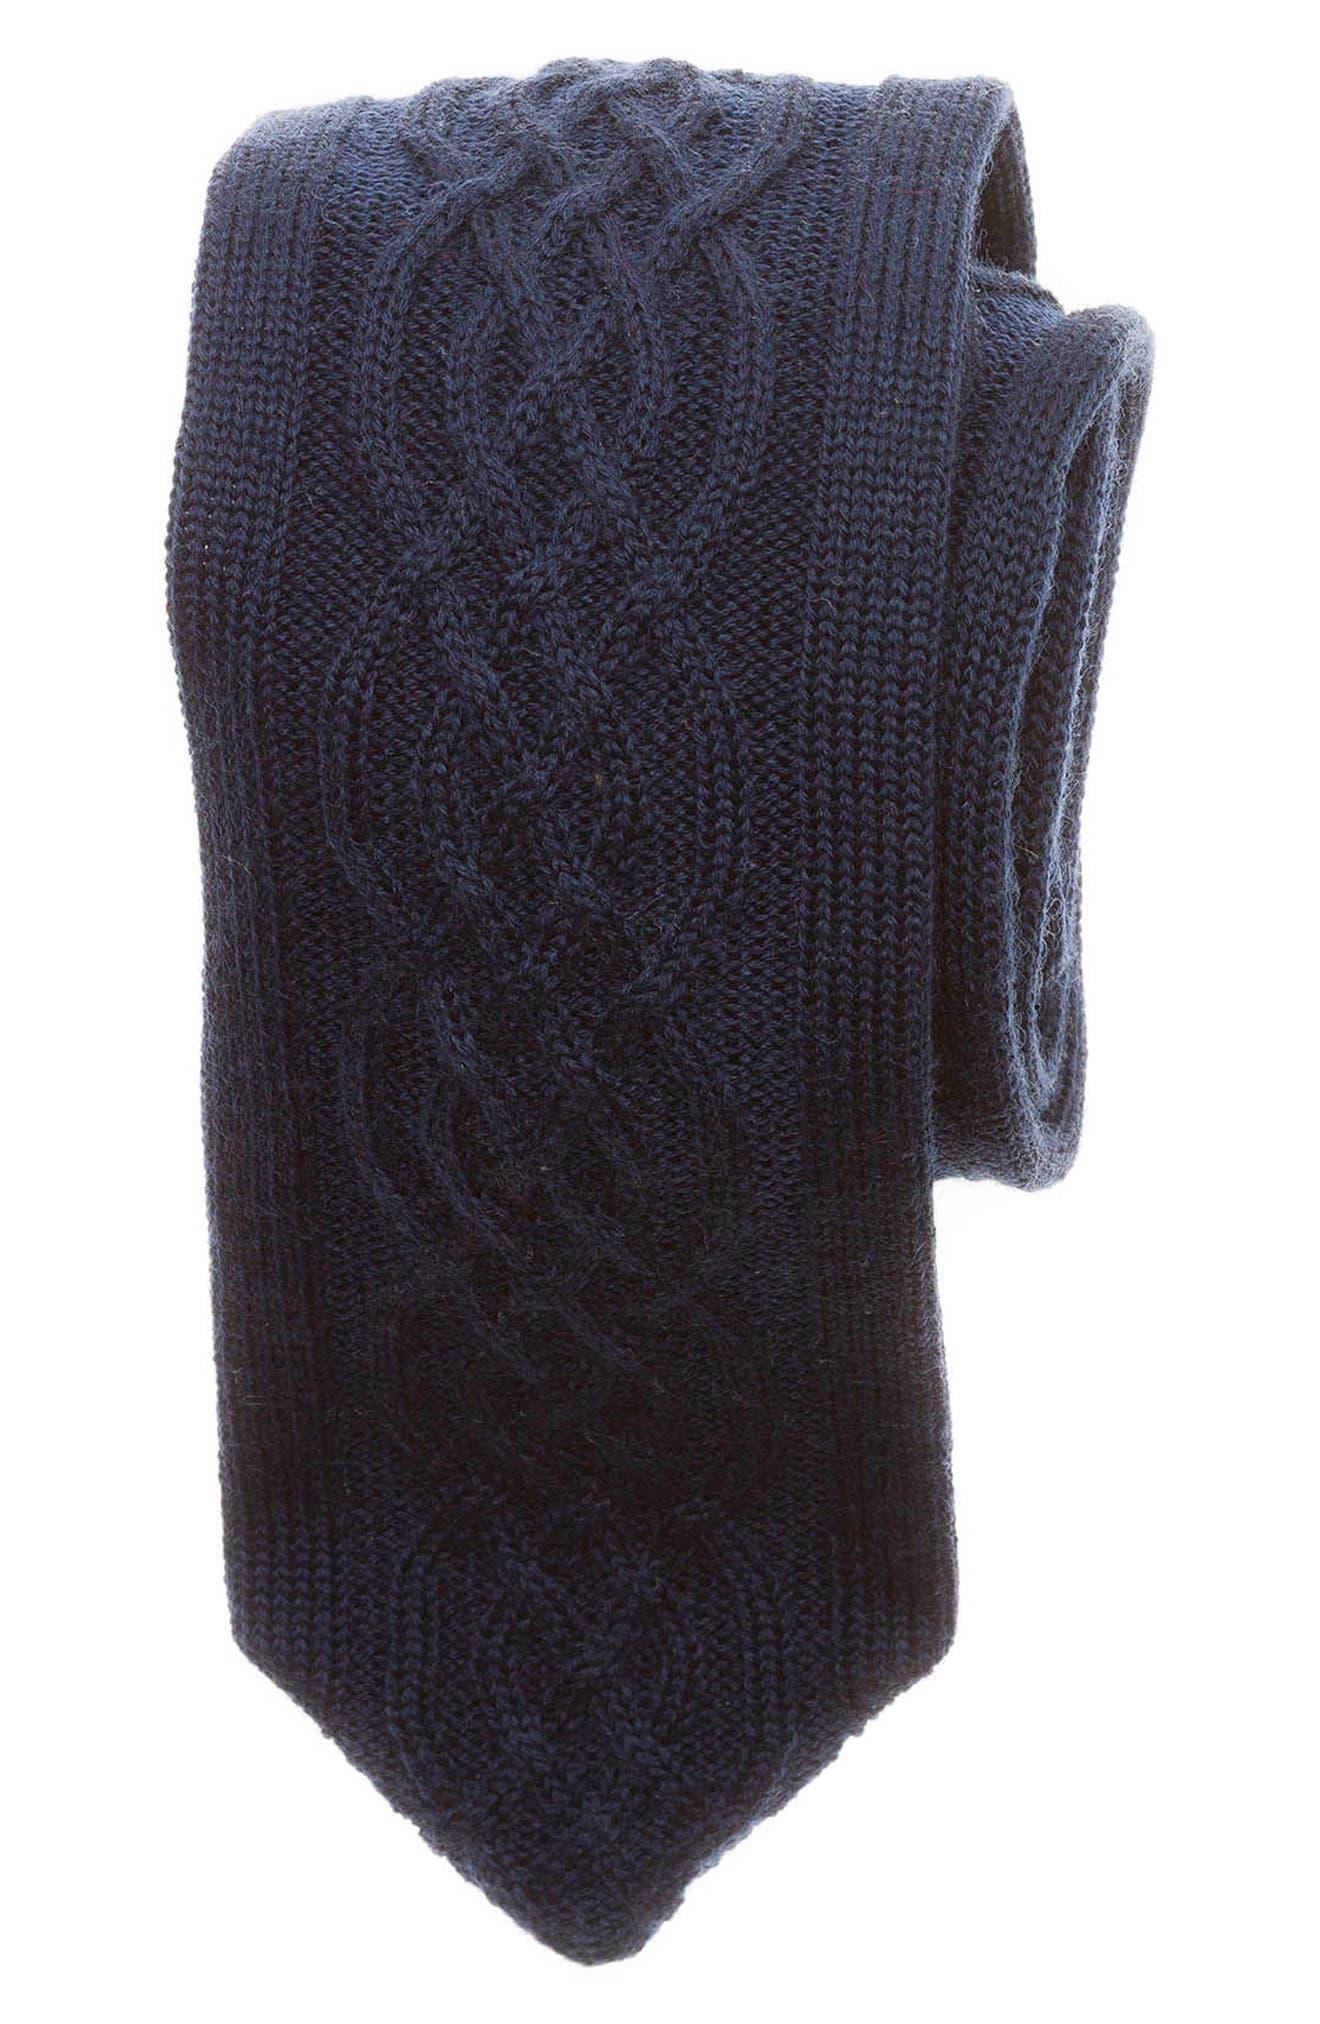 hook + ALBERT Cable Knit Wool Tie